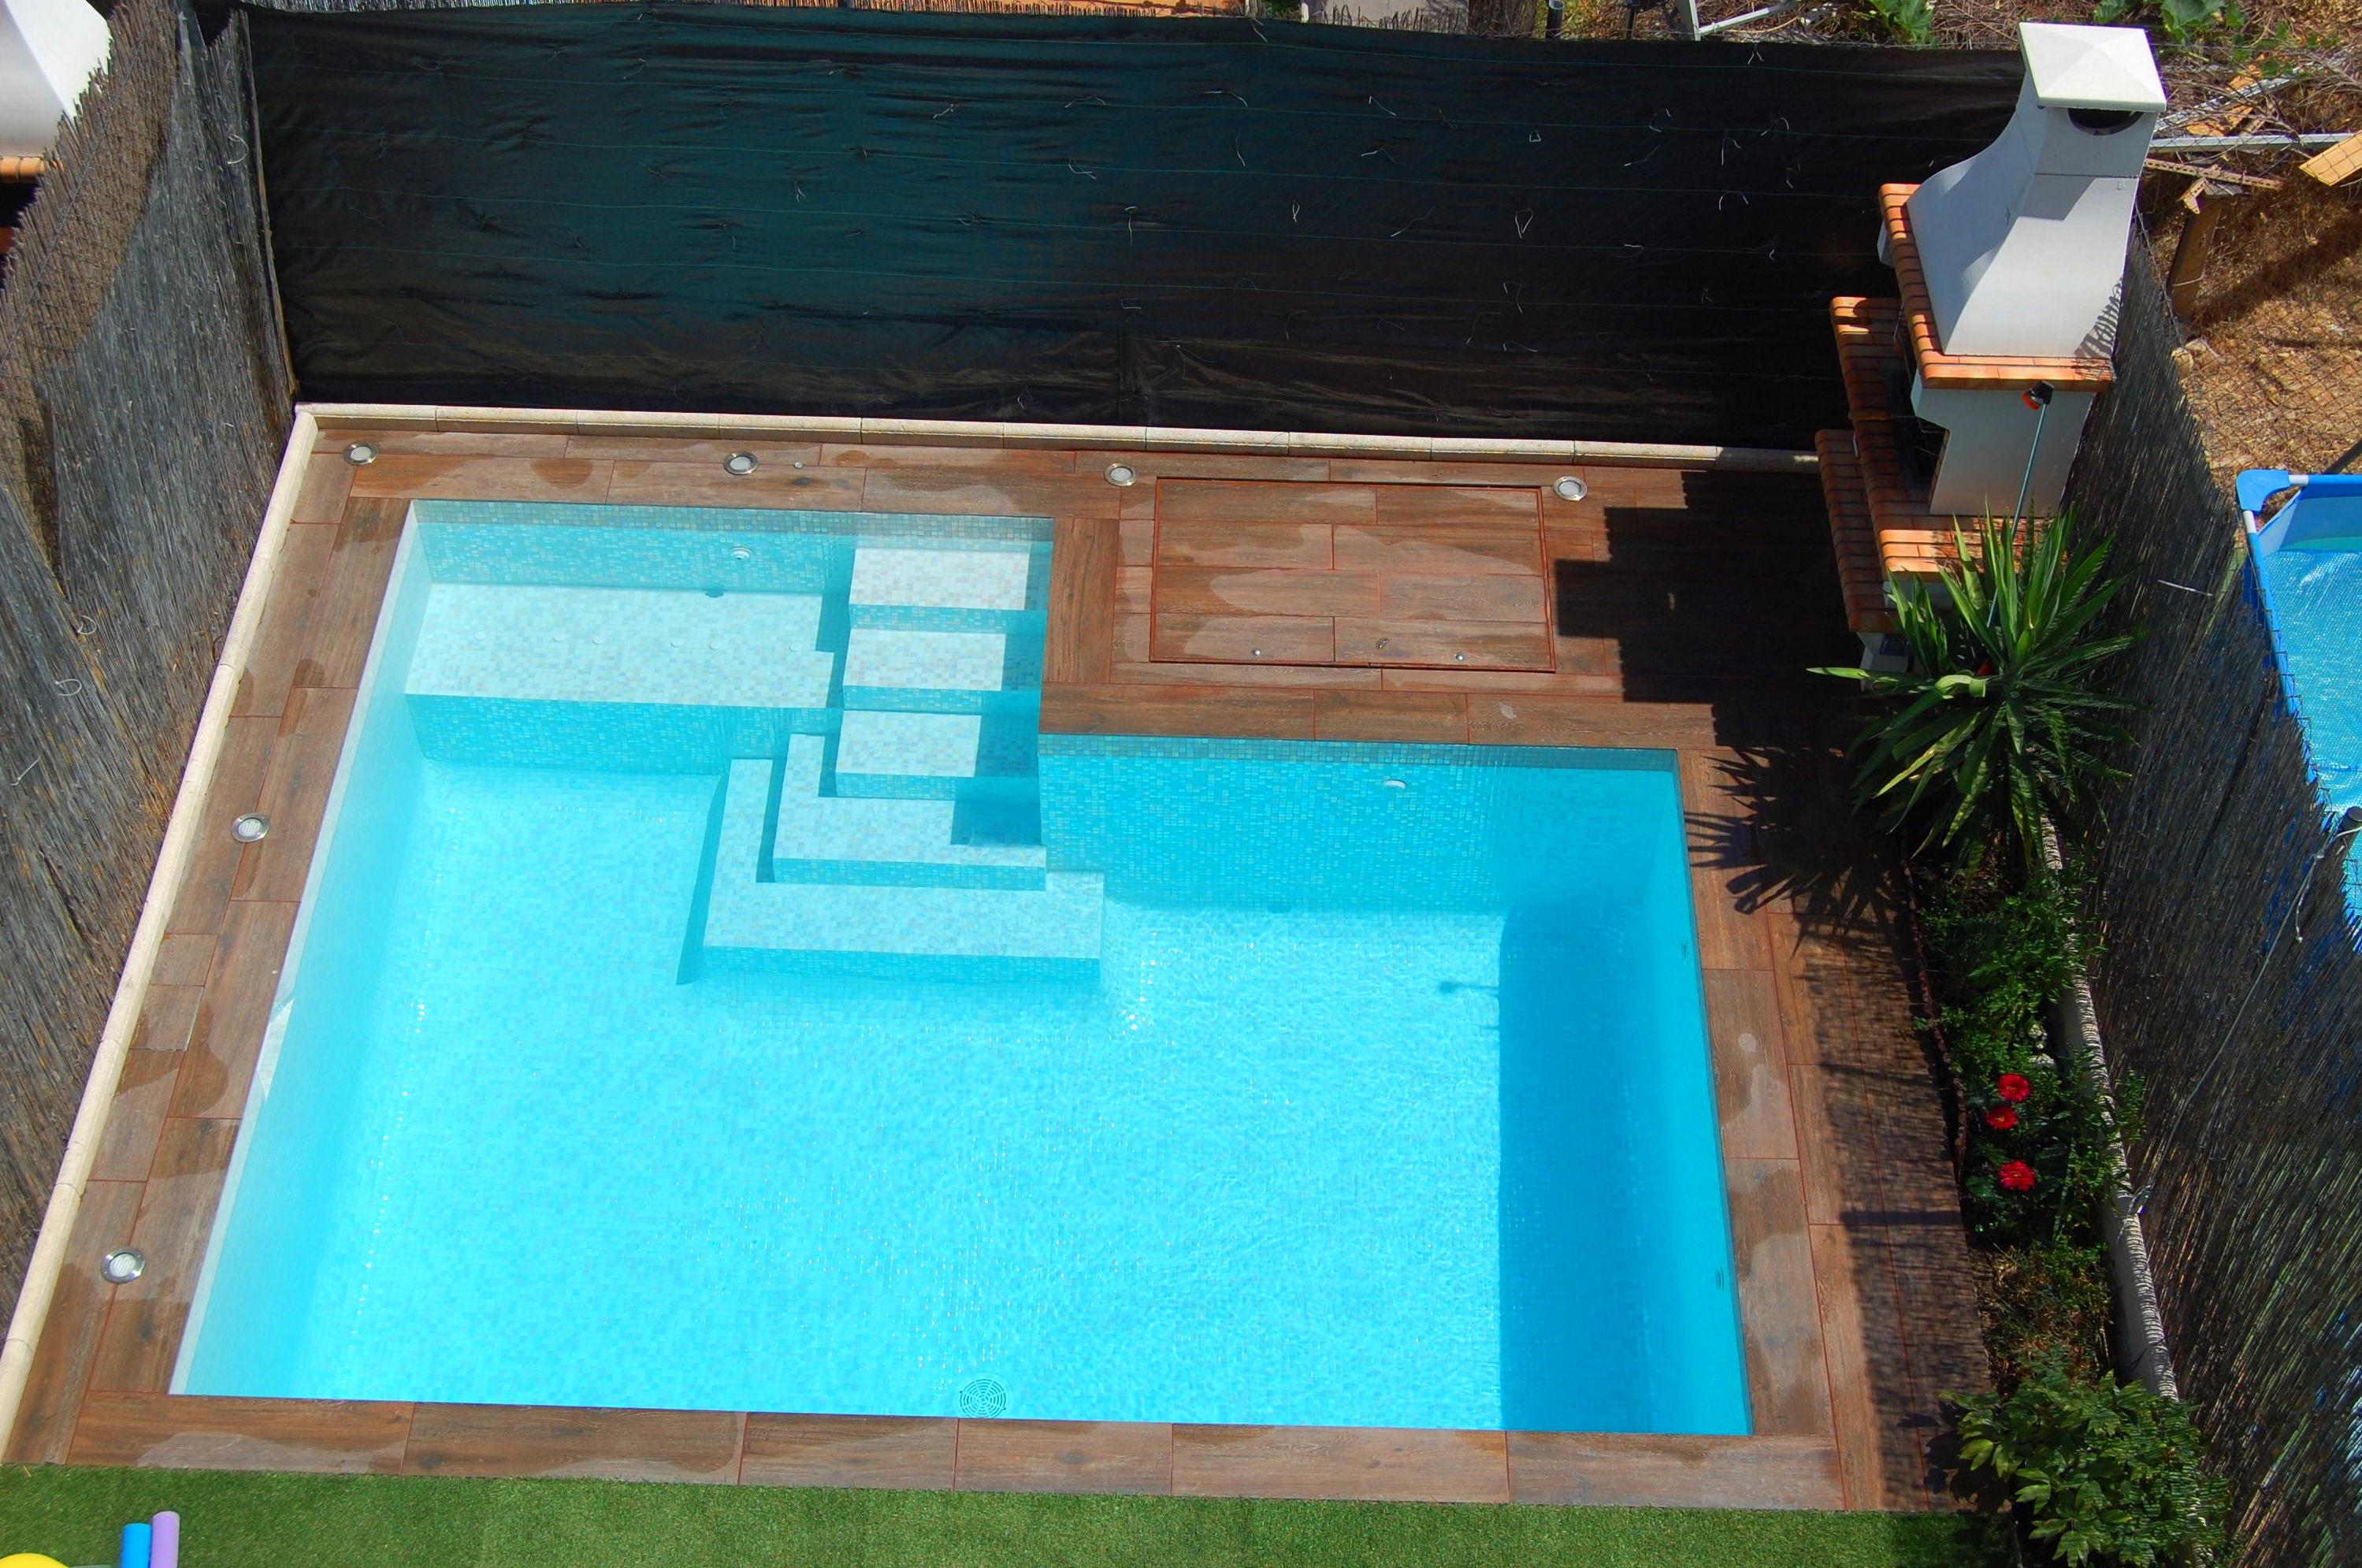 Piscina peque a de obra gunitada for Precio piscina pequena obra